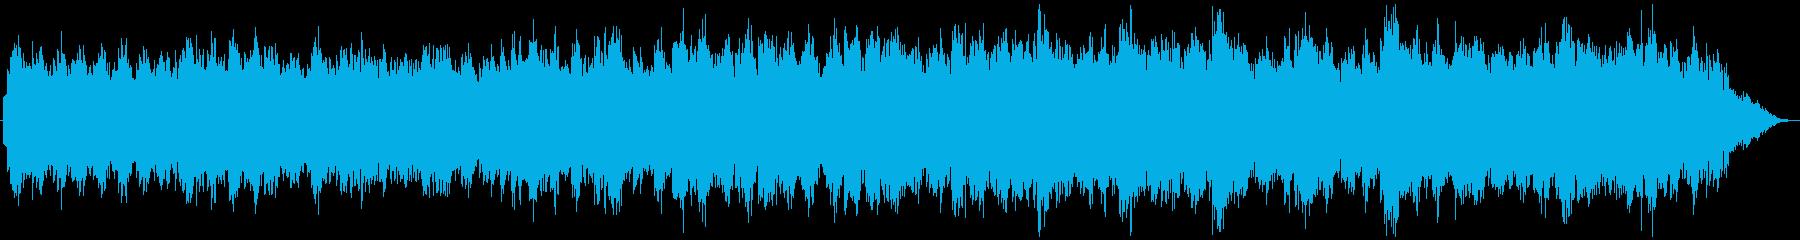 ドラム無 ドリーミーで少し切ないポストロの再生済みの波形